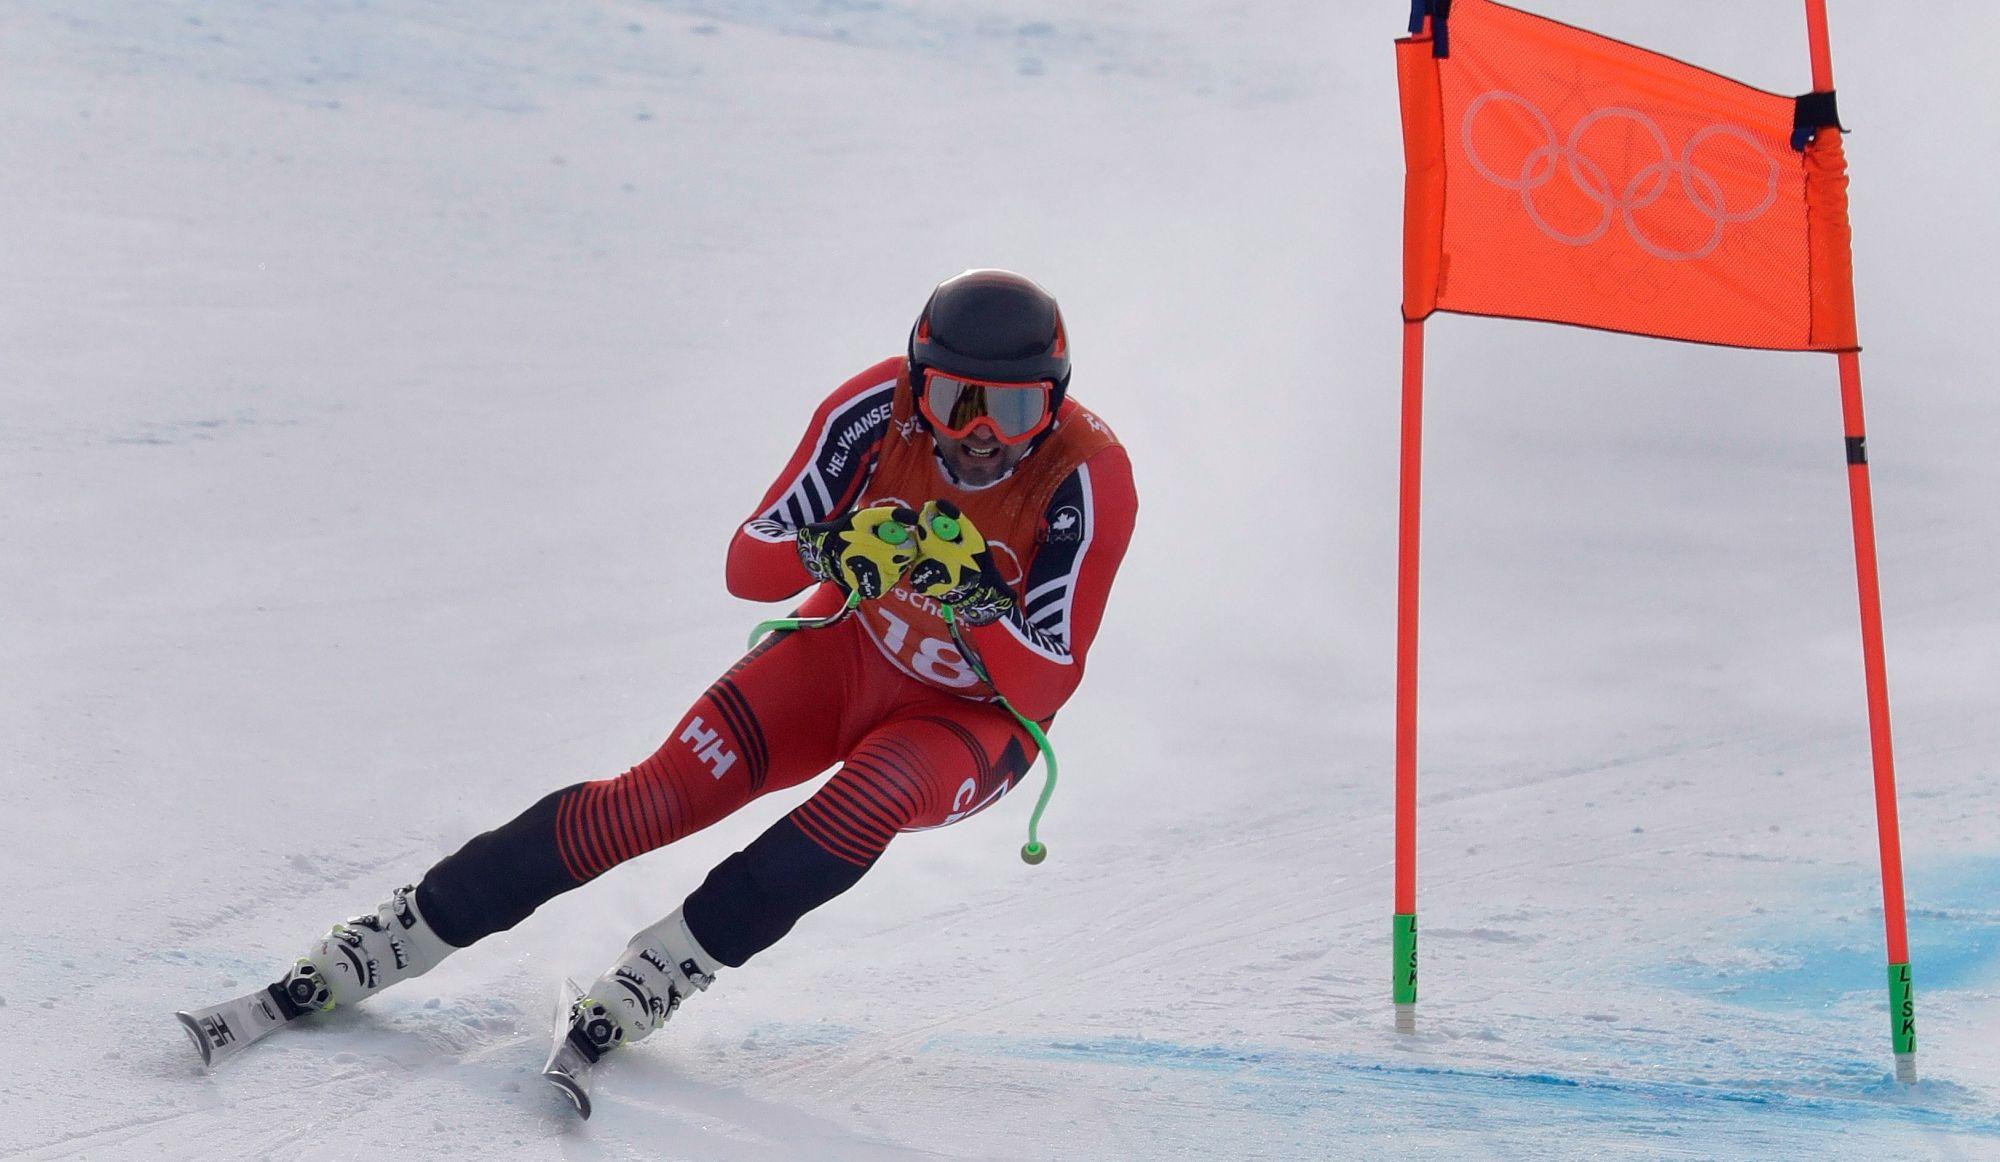 La descente masculine aux Jeux de Pyeongchang est reportée à jeudi